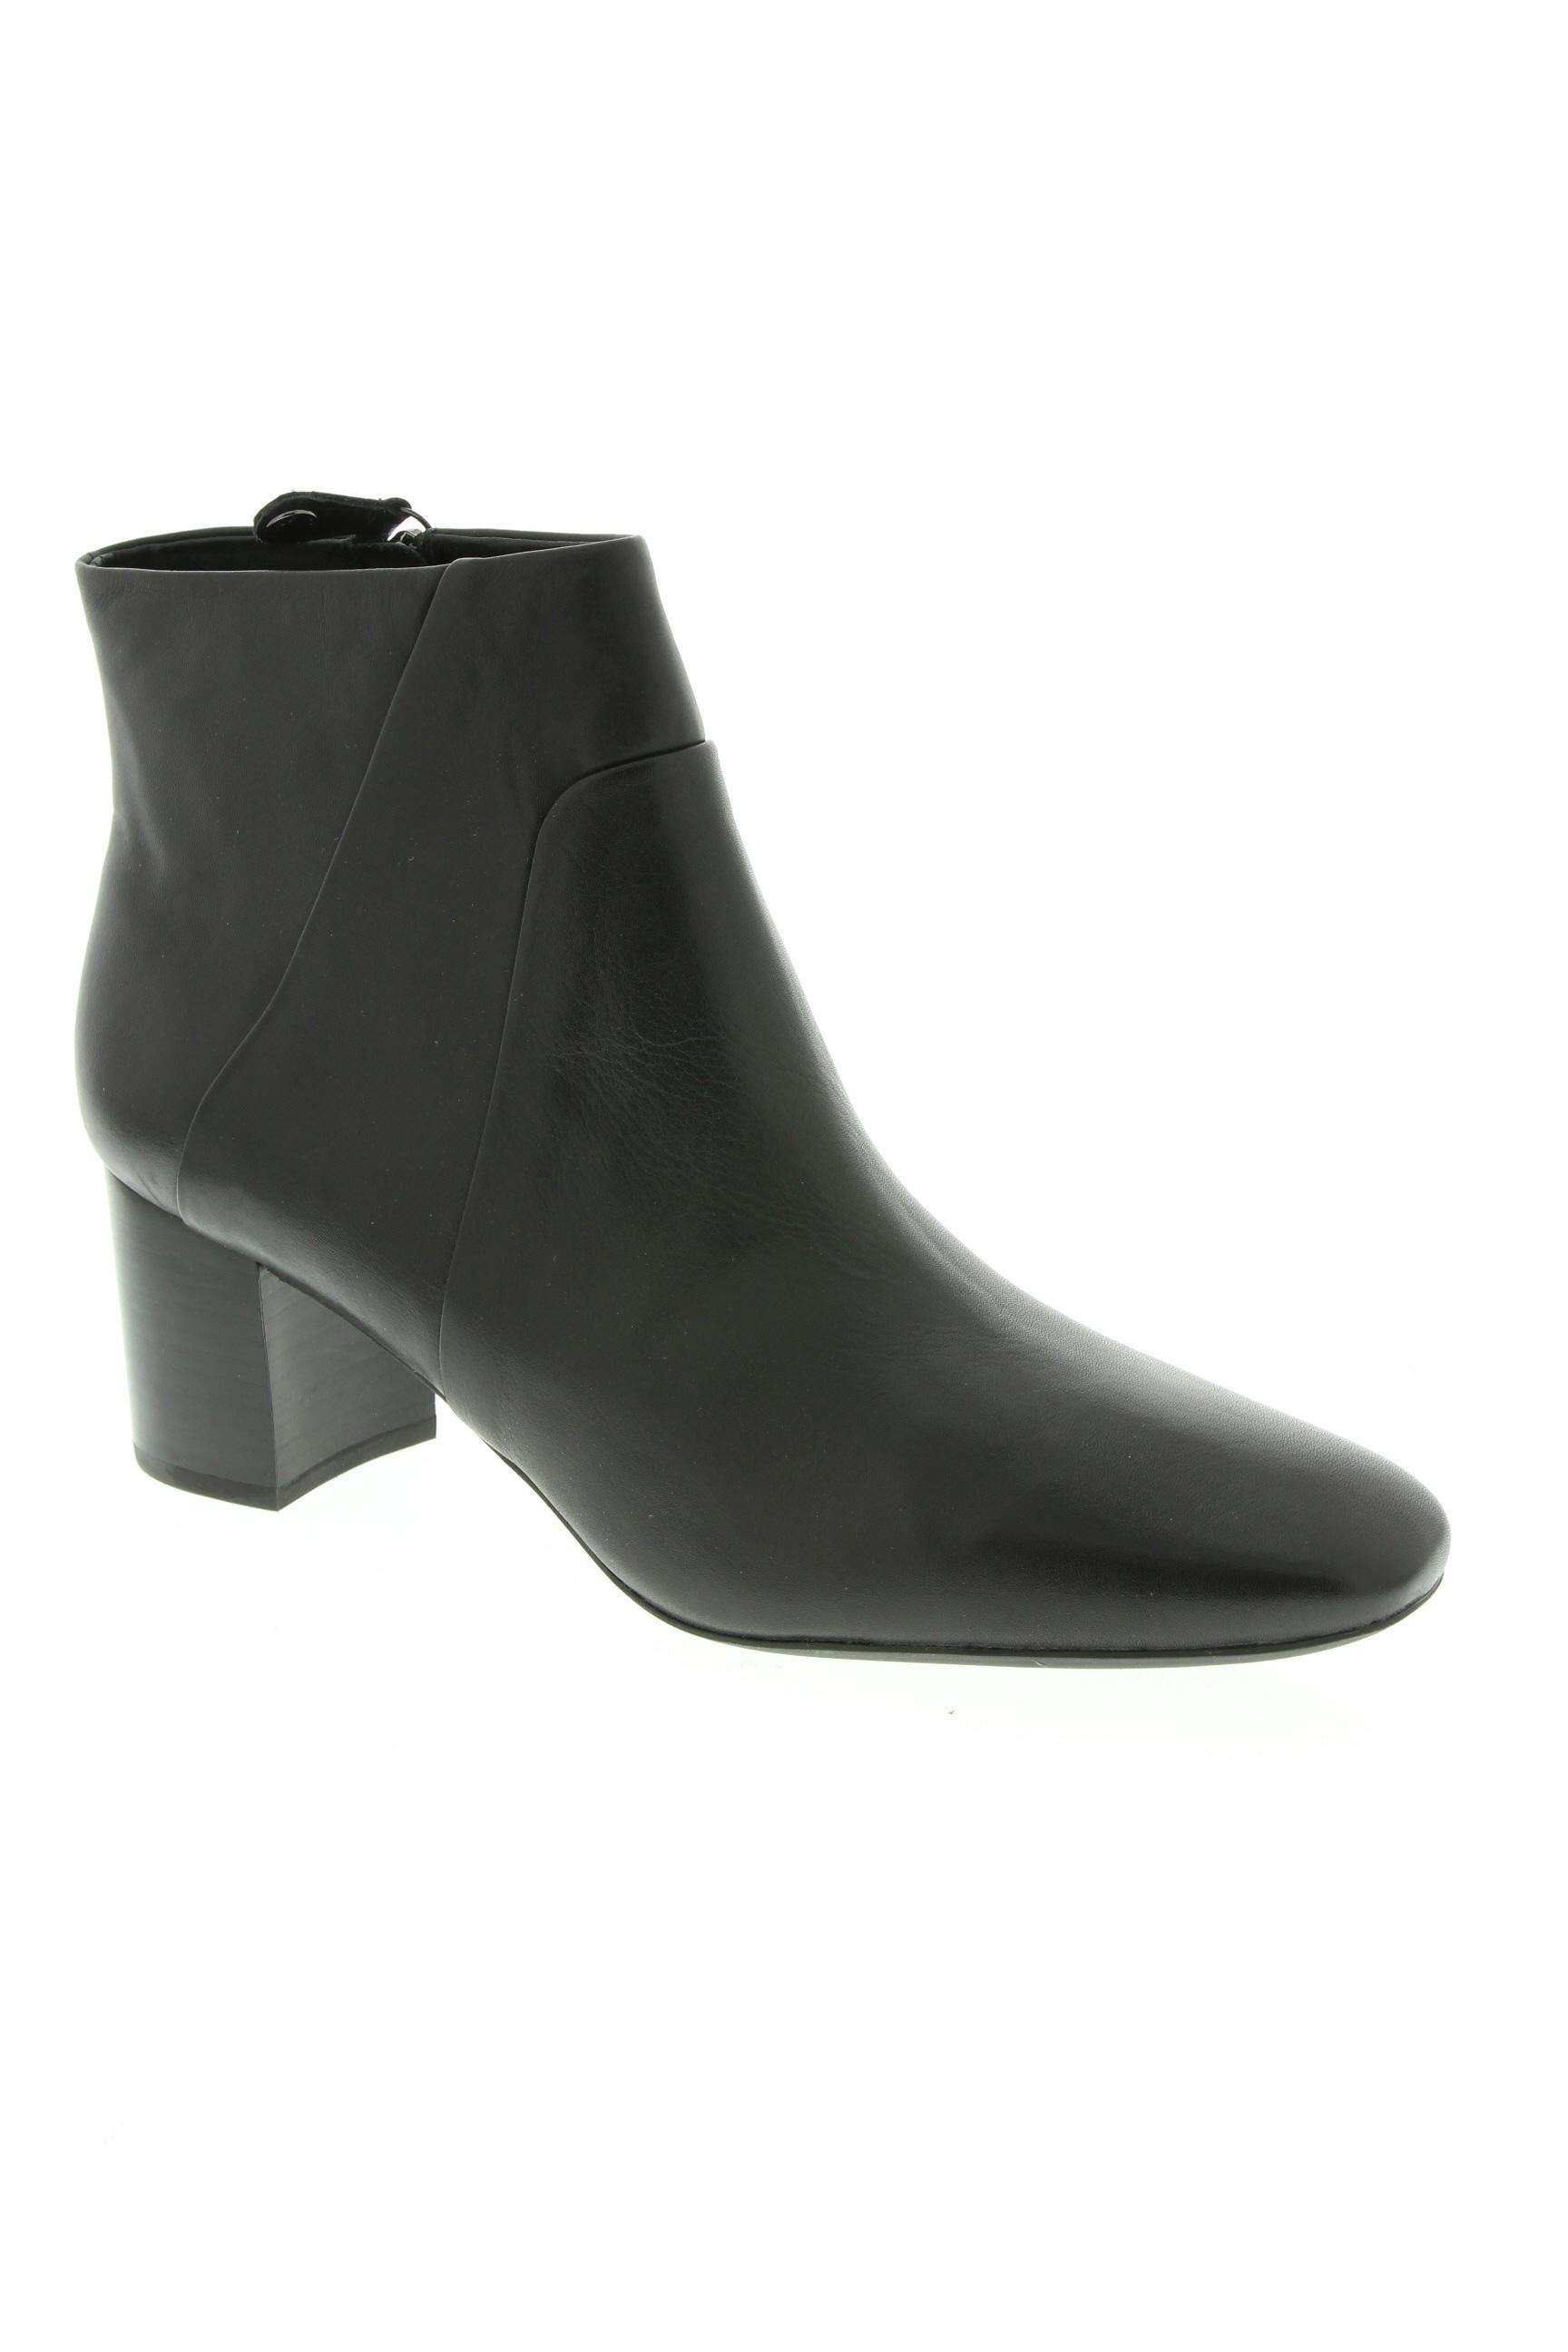 GEOX Chaussures BottinesBoots de couleur noir en soldes pas cher 1243655 noir00 Modz